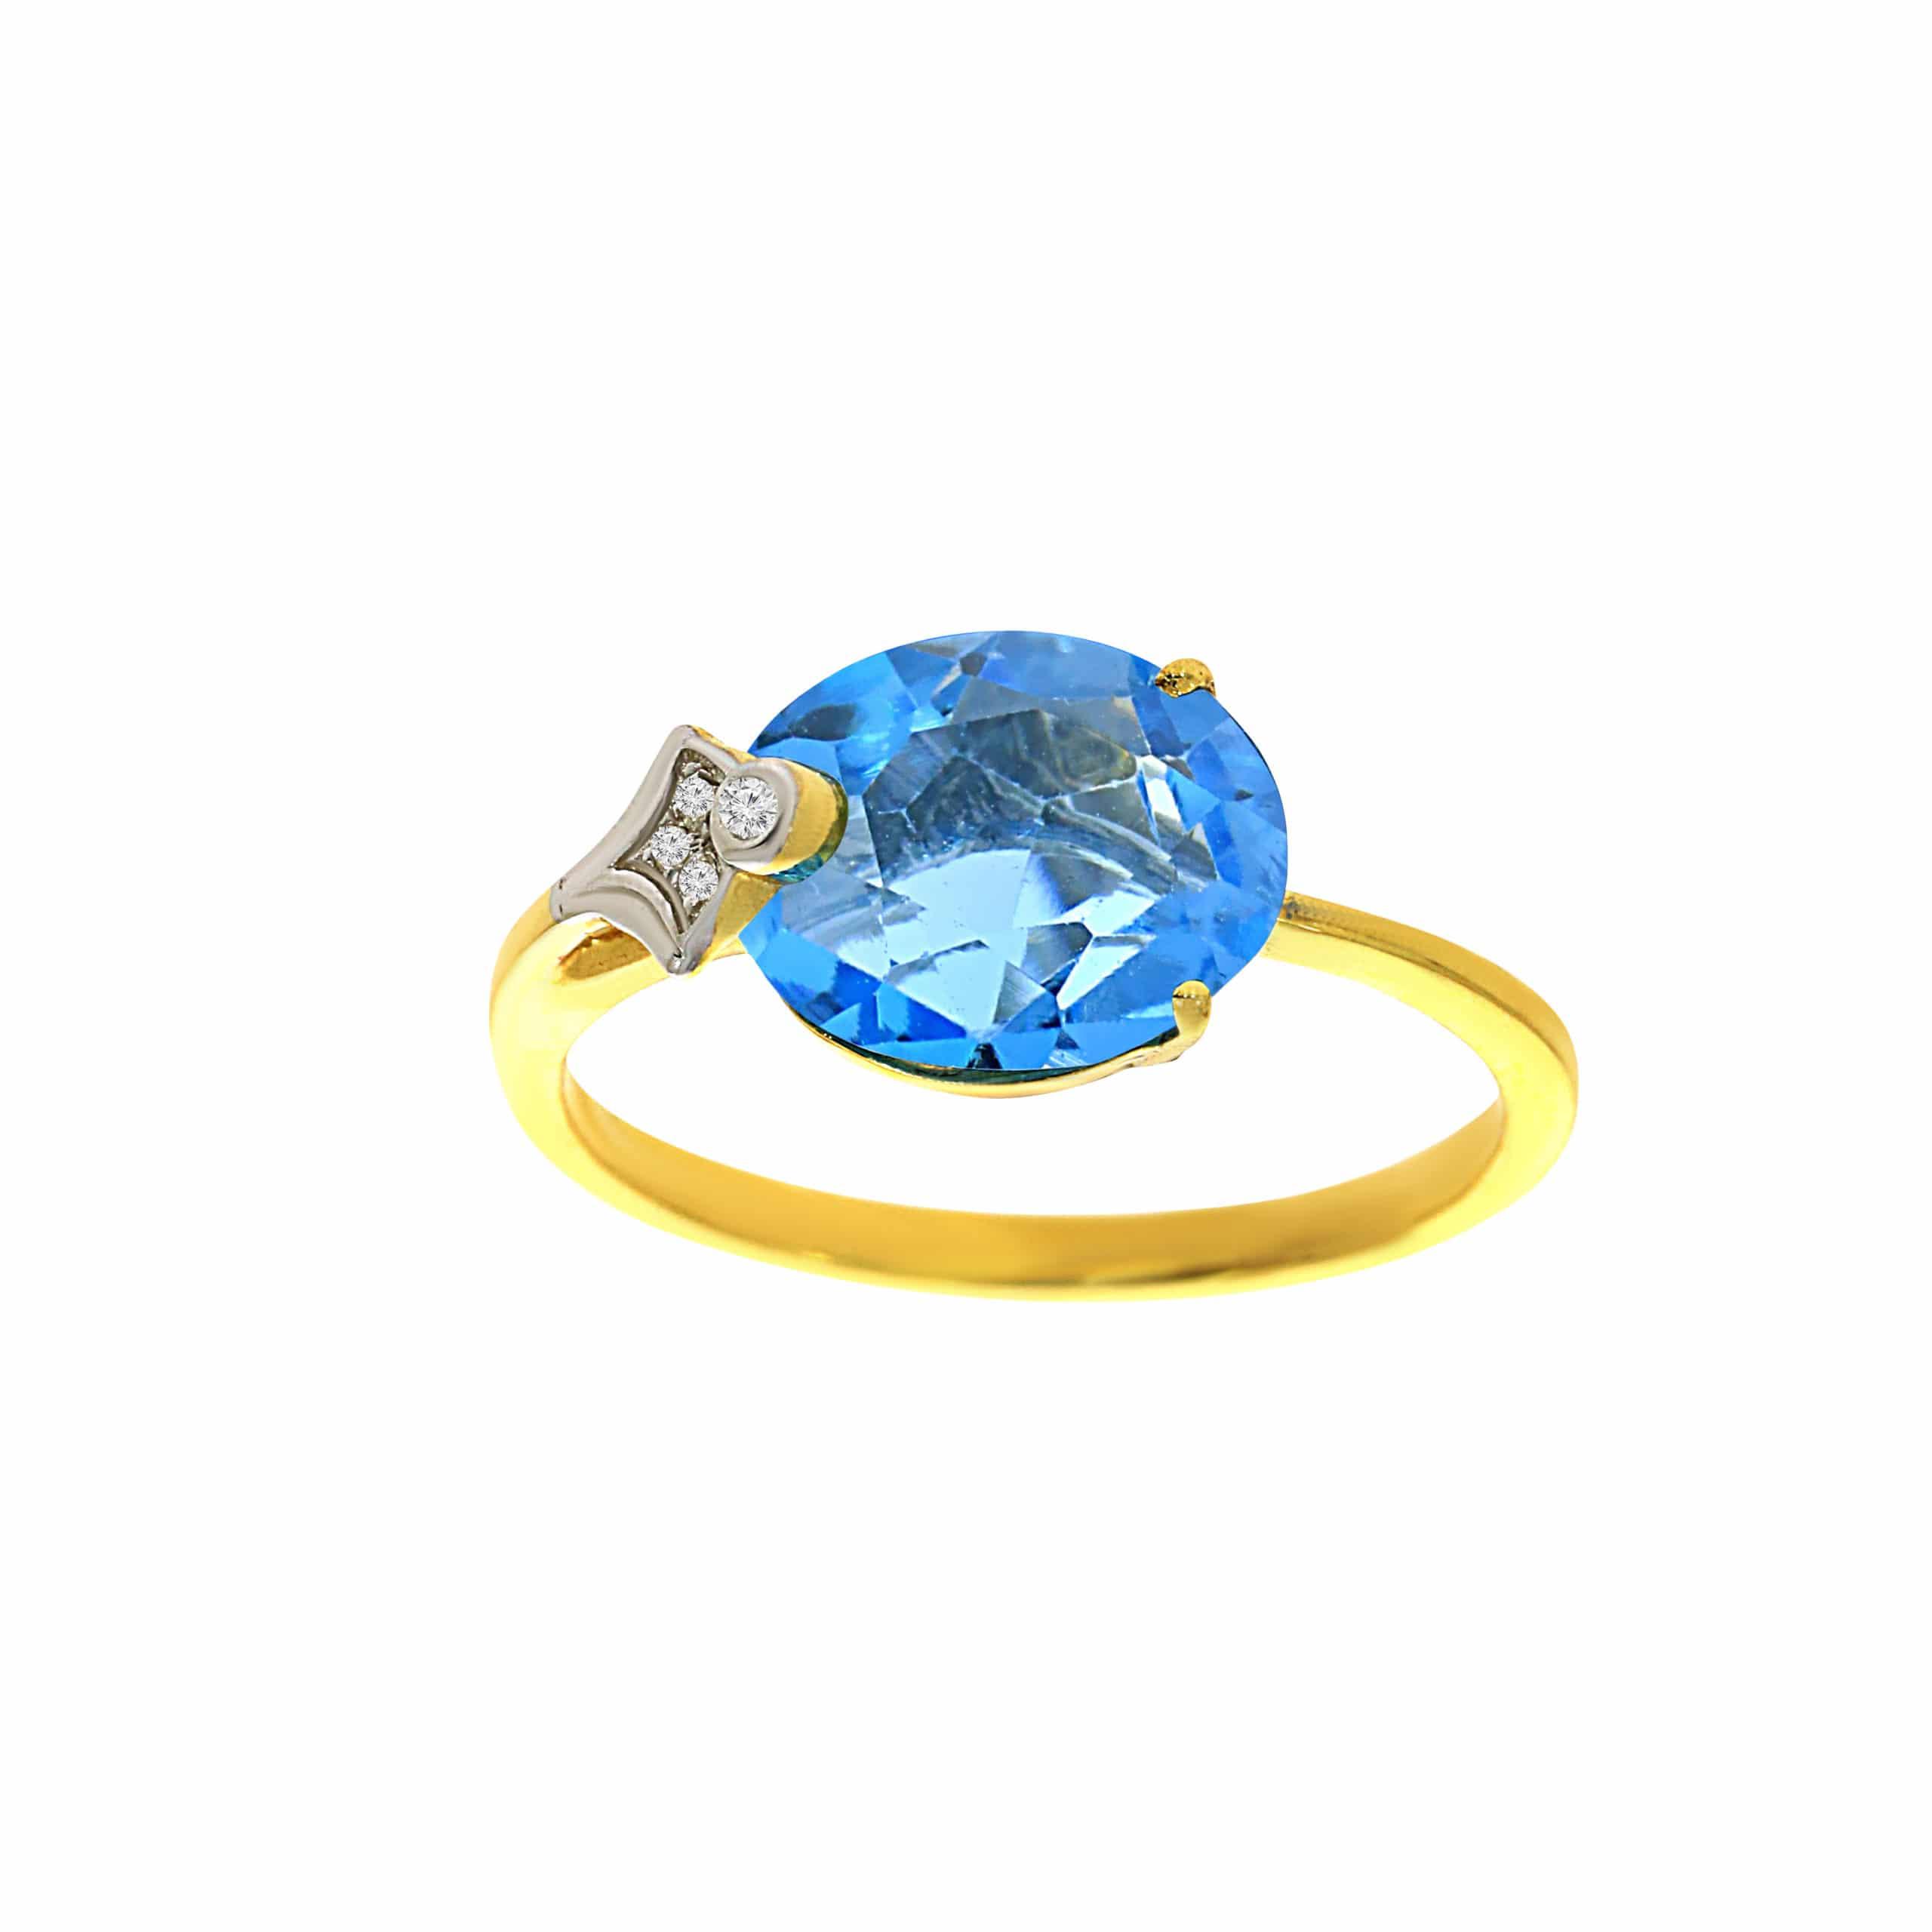 טבעת בלו טופז 3.07 קראט, זהב-צהוב 14 קראט, בשיבוץ 0.02 קראט יהלומים